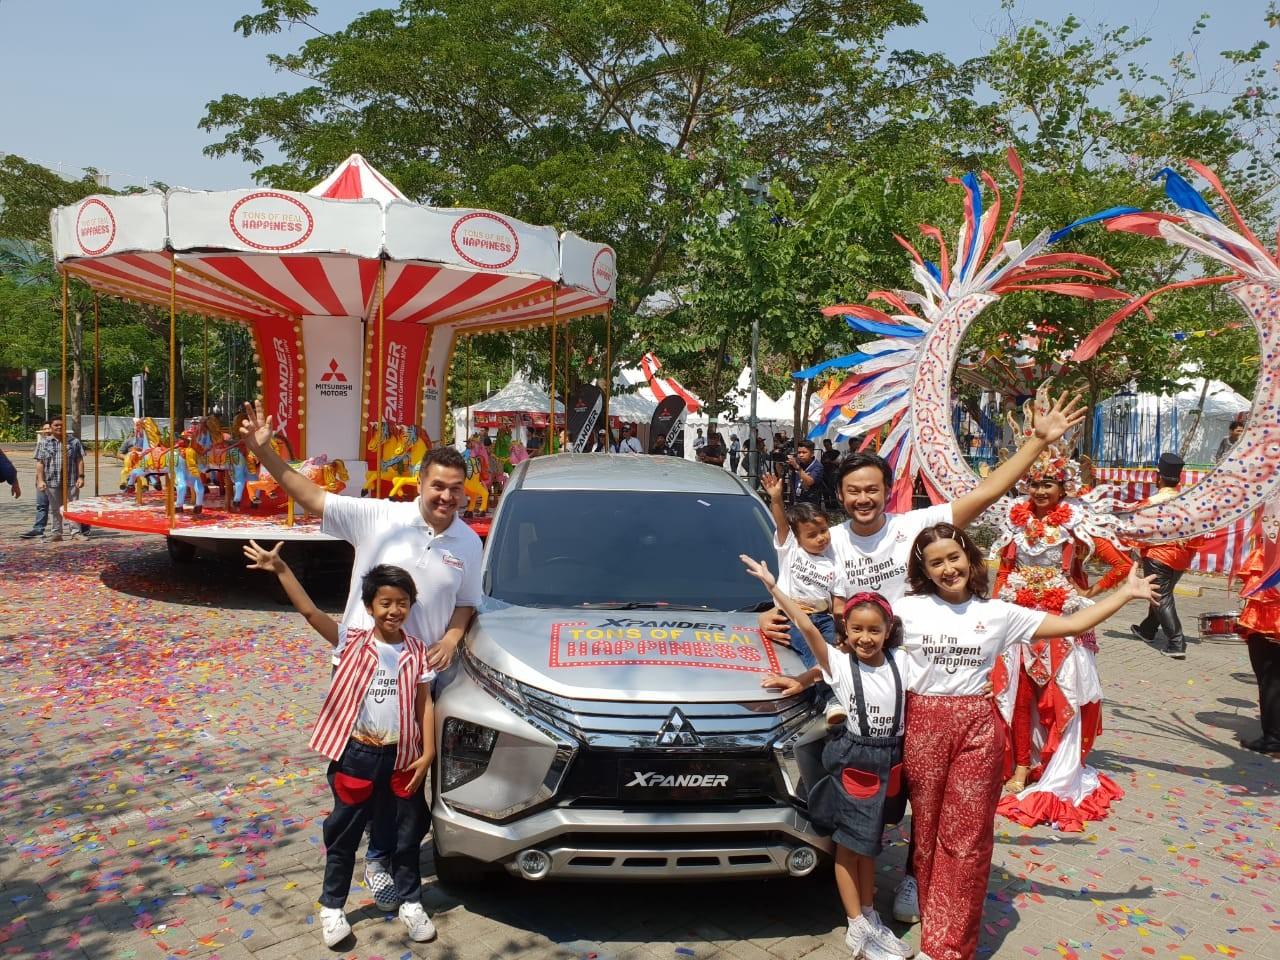 Xpander Berbagi Kebahagiaan di 9 Kota di Indonesia